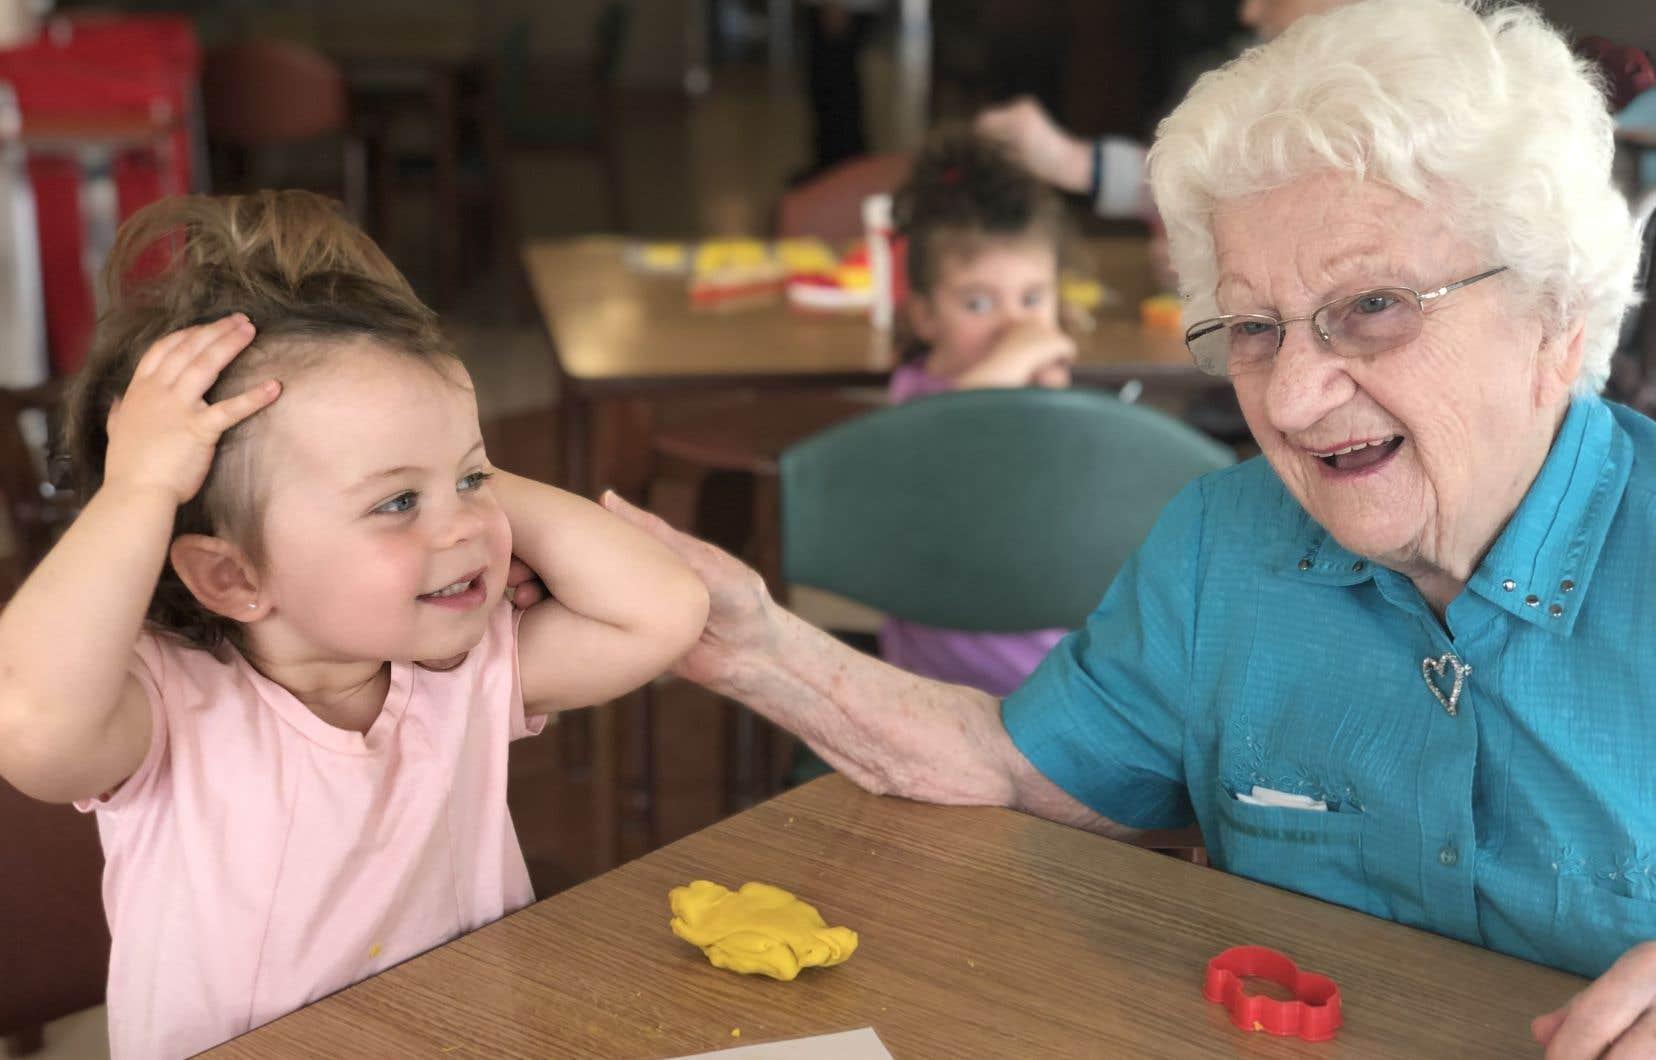 Il faut voir comme l'arrivée des petits fait fuser les sourires des grands, mais surtout il faut entendre ce qu'ils se confient les uns aux autres.